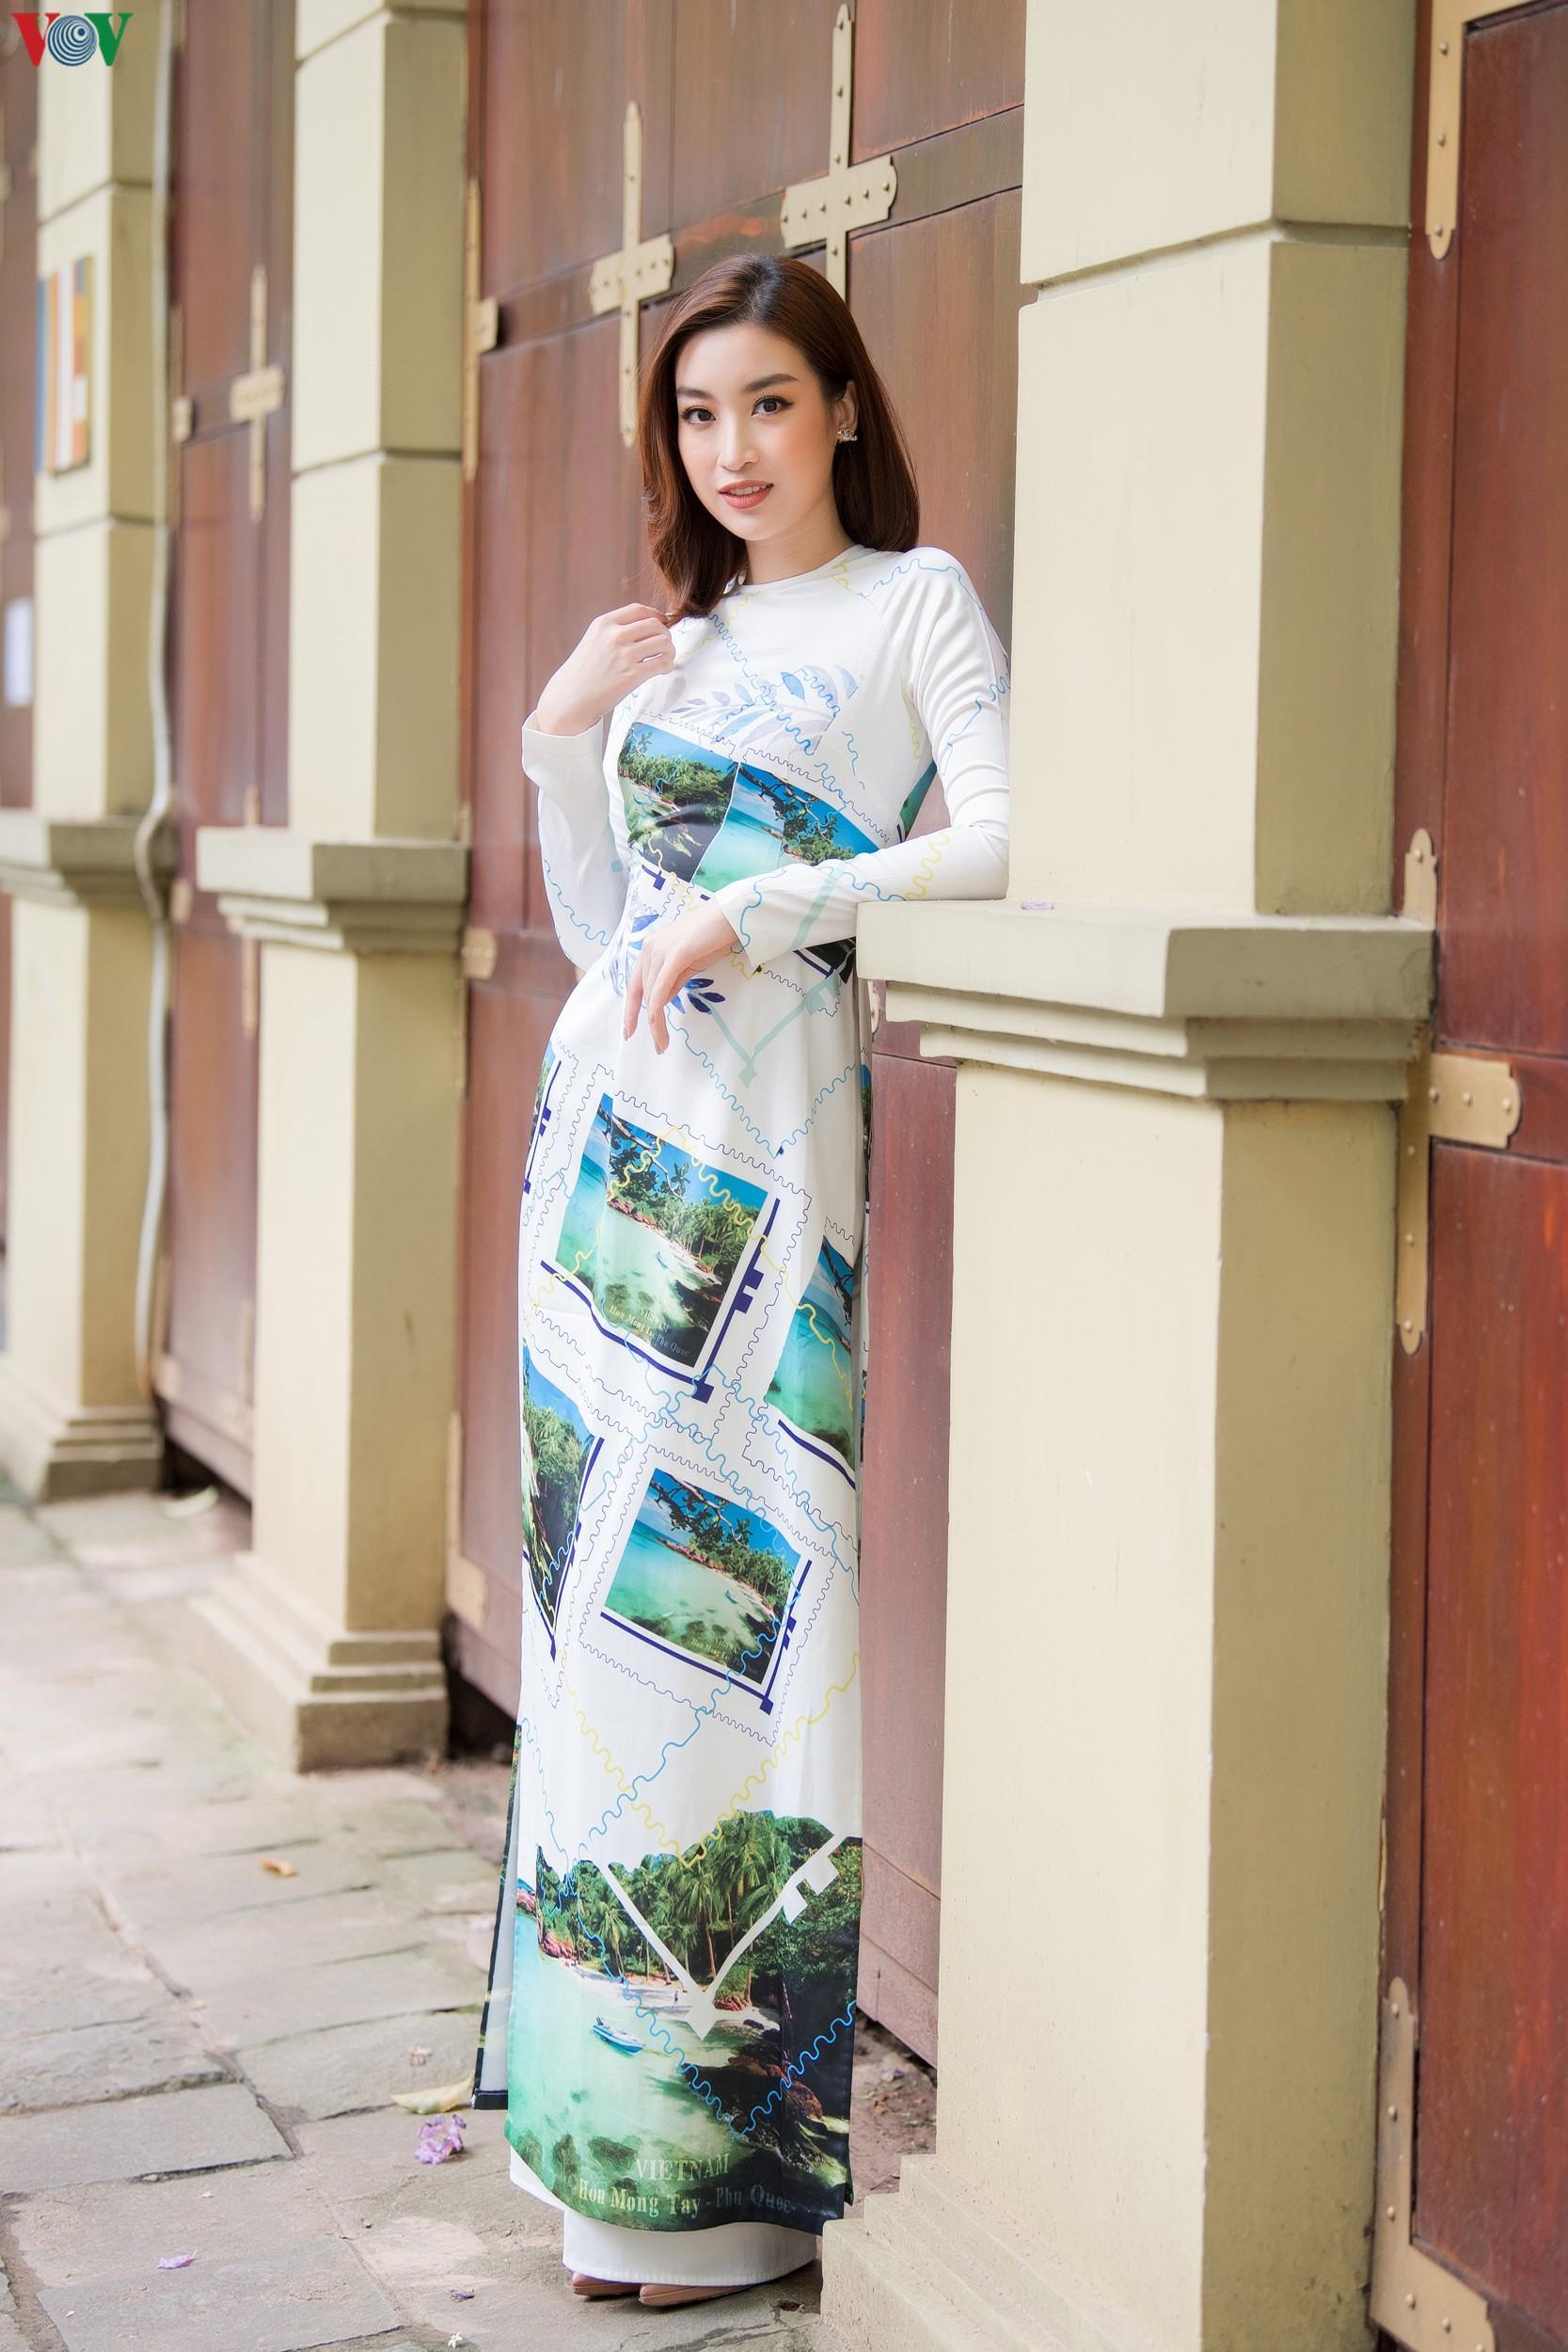 Hoa hậu Ngọc Hân, Đỗ Mỹ Linh đọ dáng với áo dài in hình biển đảo Ảnh 6